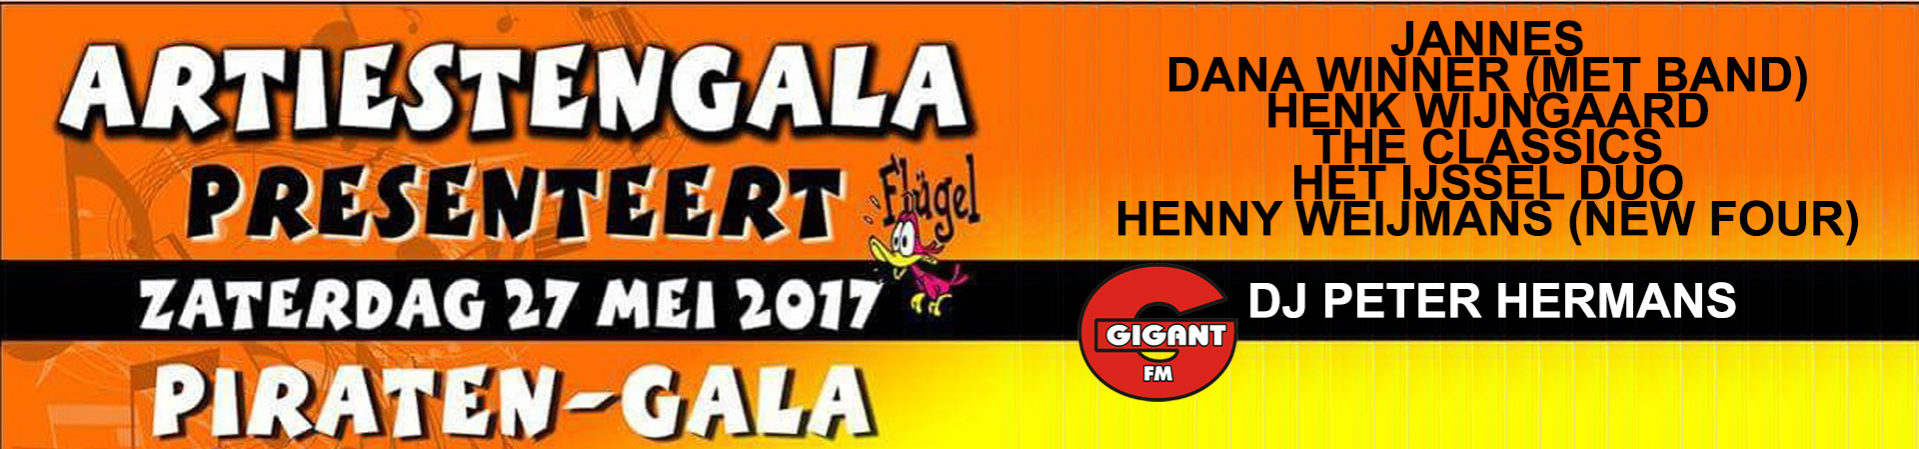 piraten-artiesten-gala